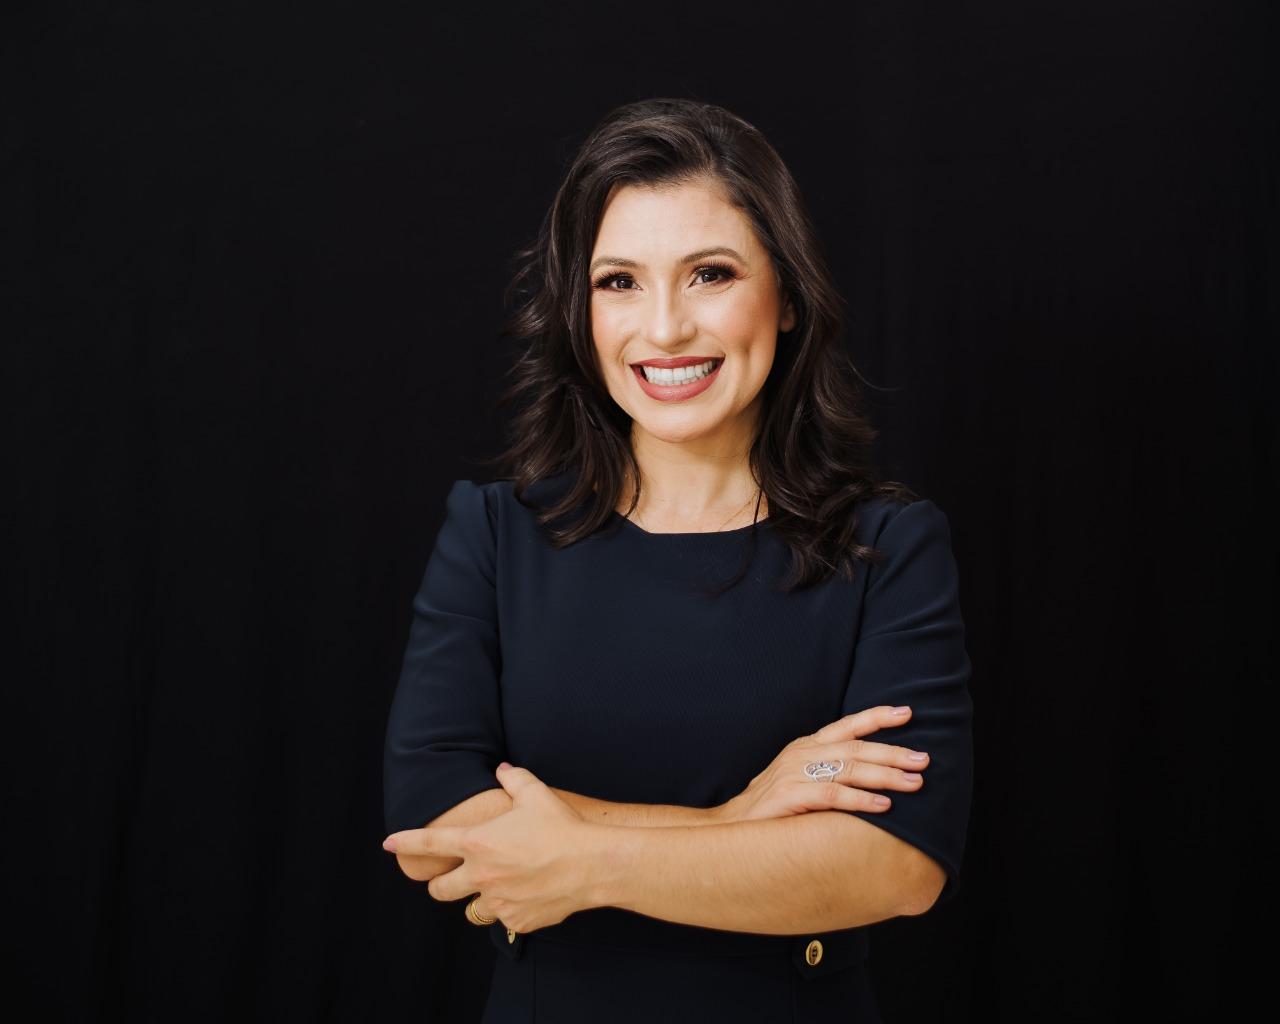 Márcia Carvalho Ferreira de S. Pereira